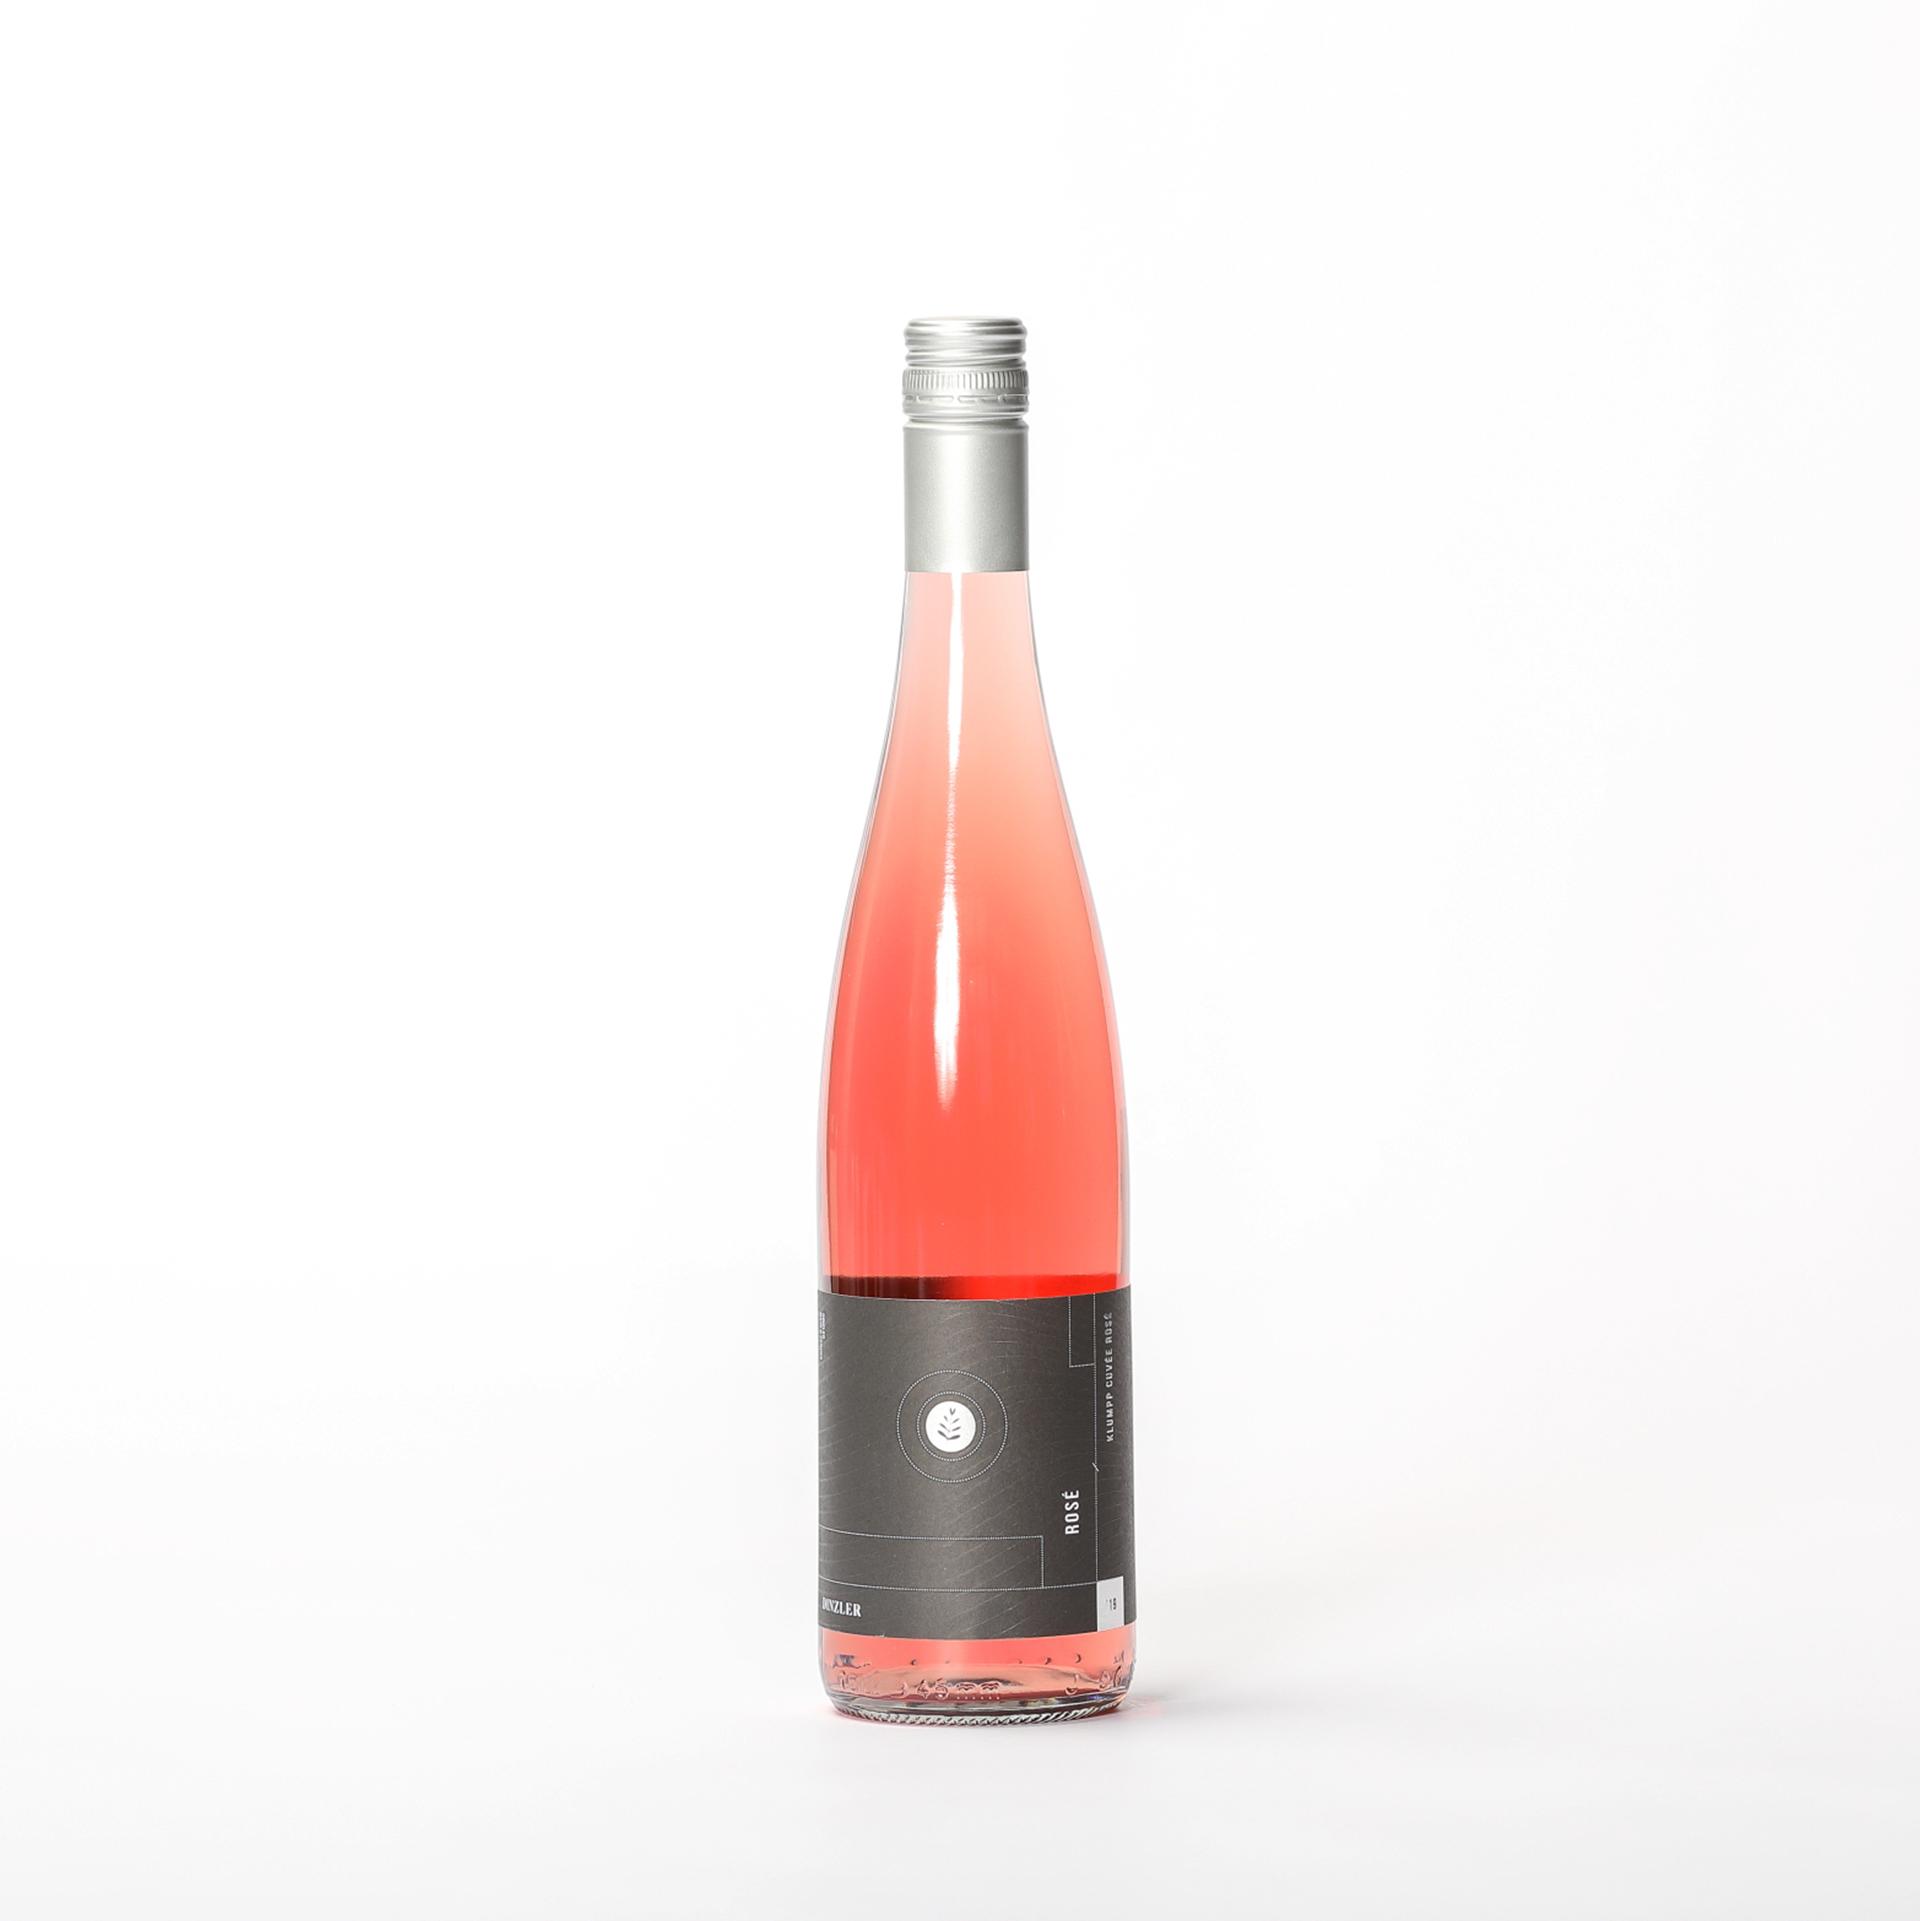 DINZLER Rosé Hauswein 2019 - Weingut Klumpp